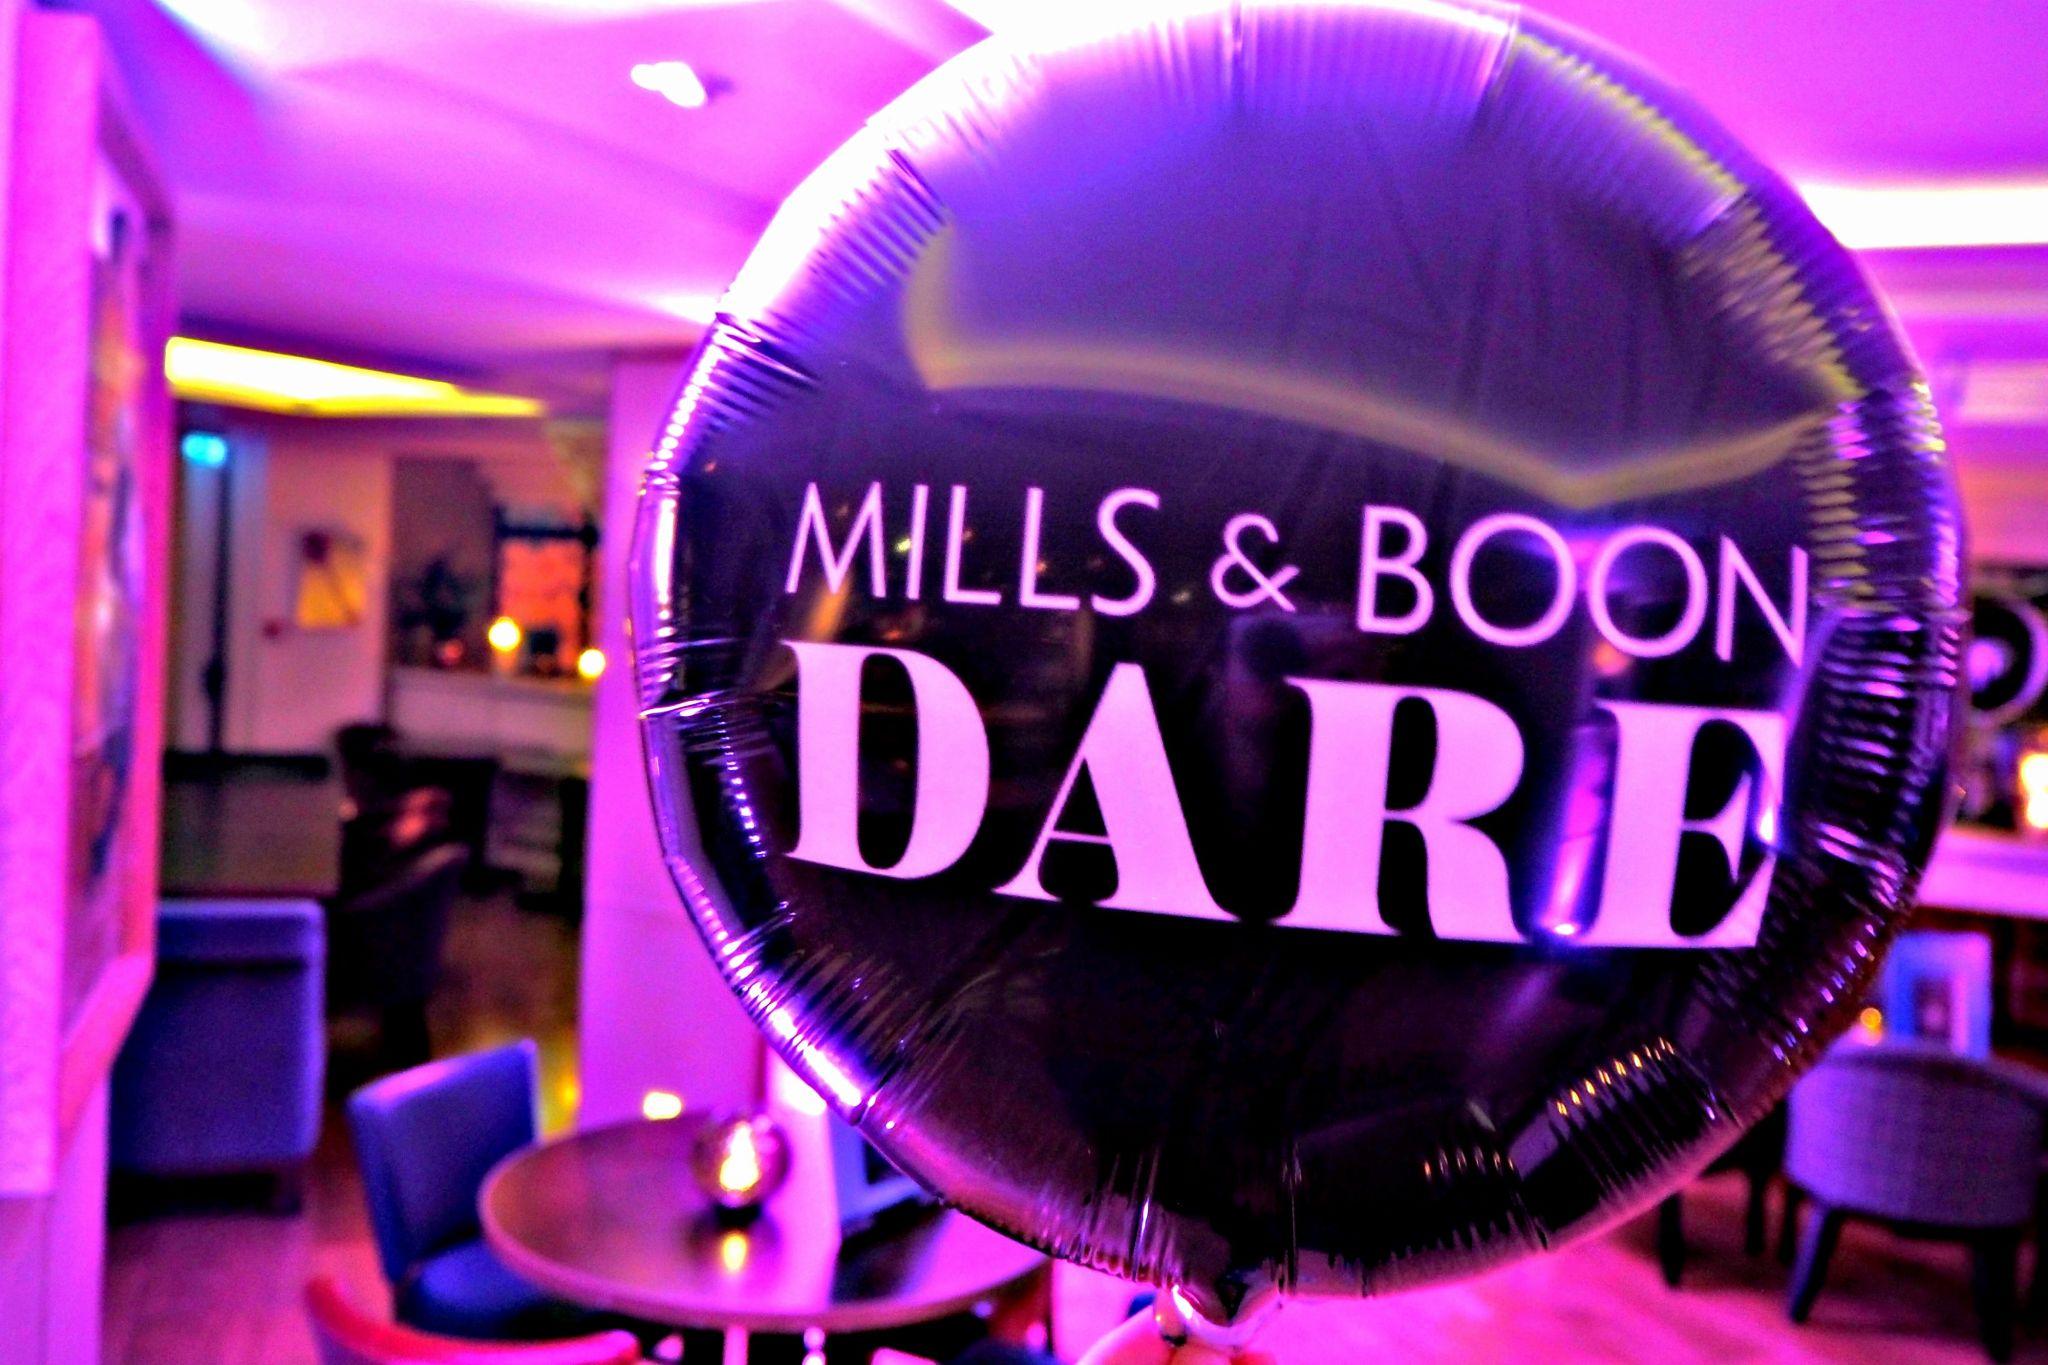 Mills & Boon Balloon